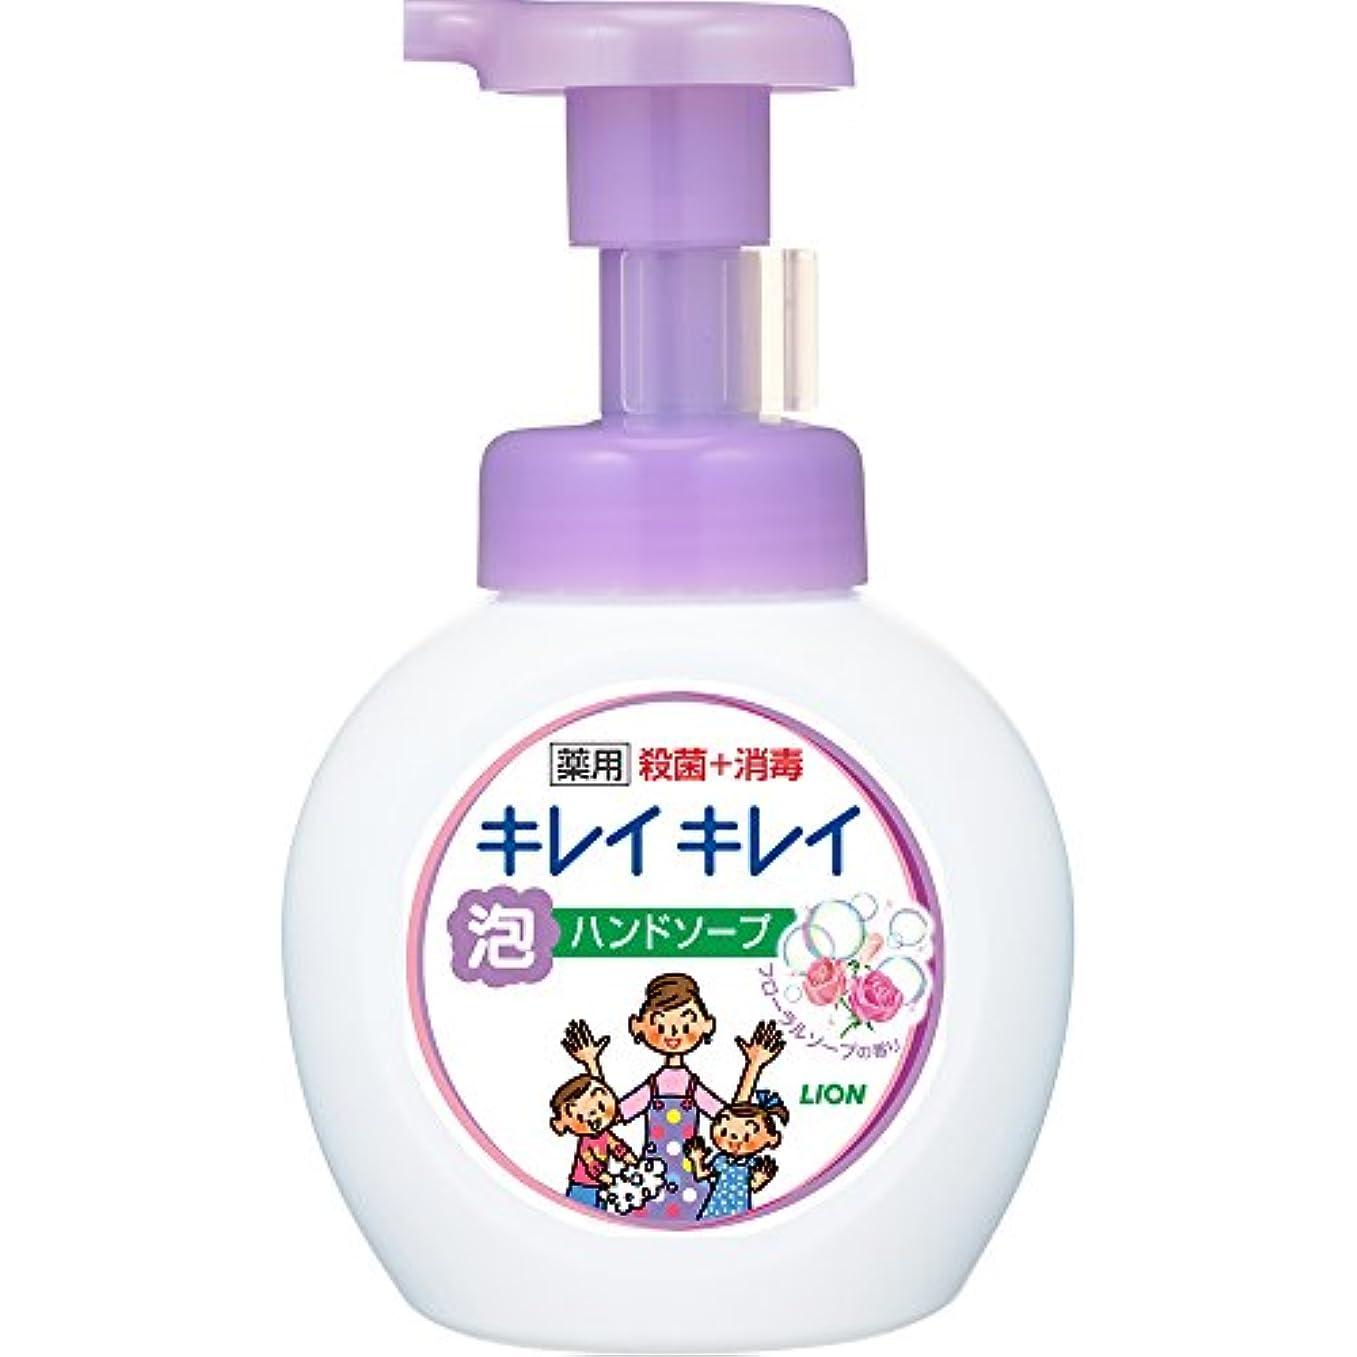 塩辛いクレーン幾何学キレイキレイ 薬用泡ハンドソープ フローラルソープの香り 本体ポンプ 250mL